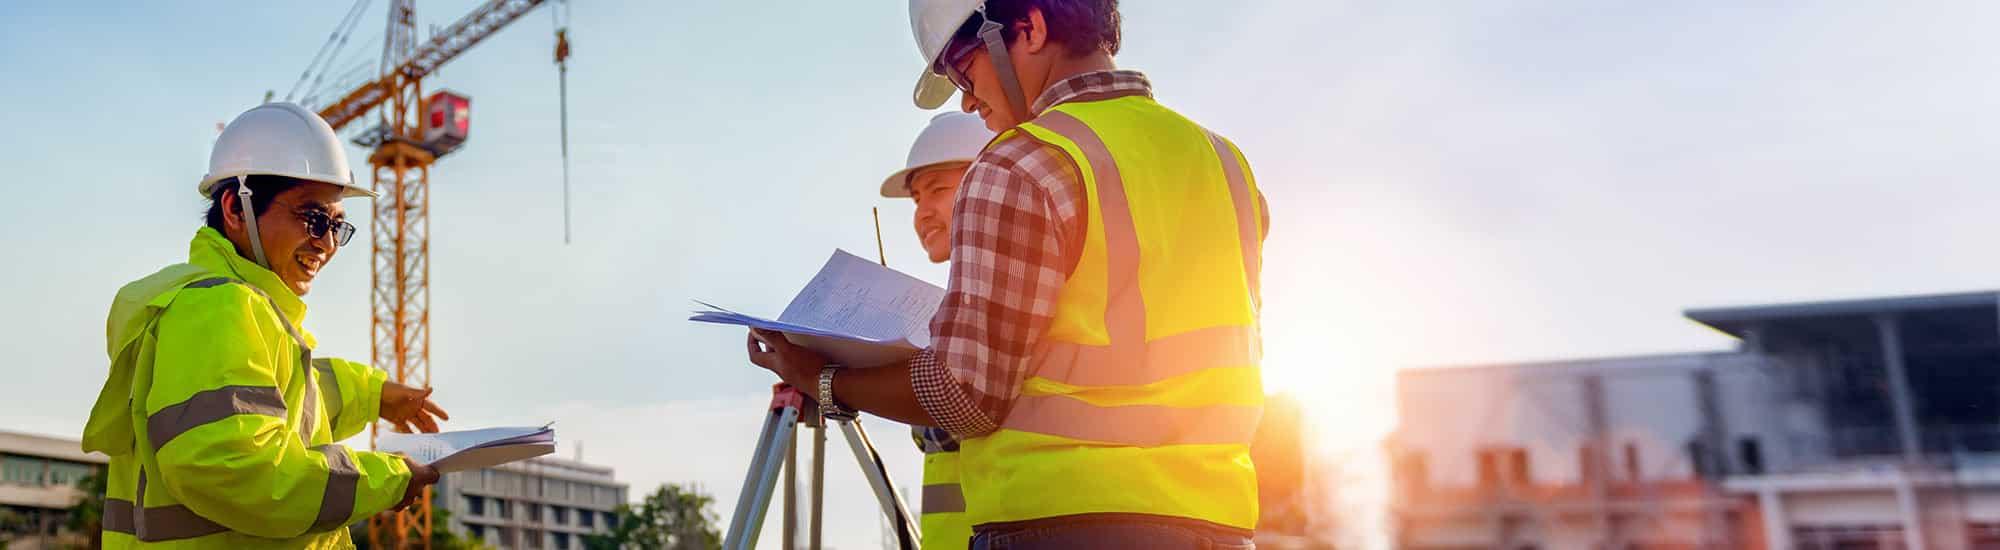 Digitale Checklisten im Bauwesen